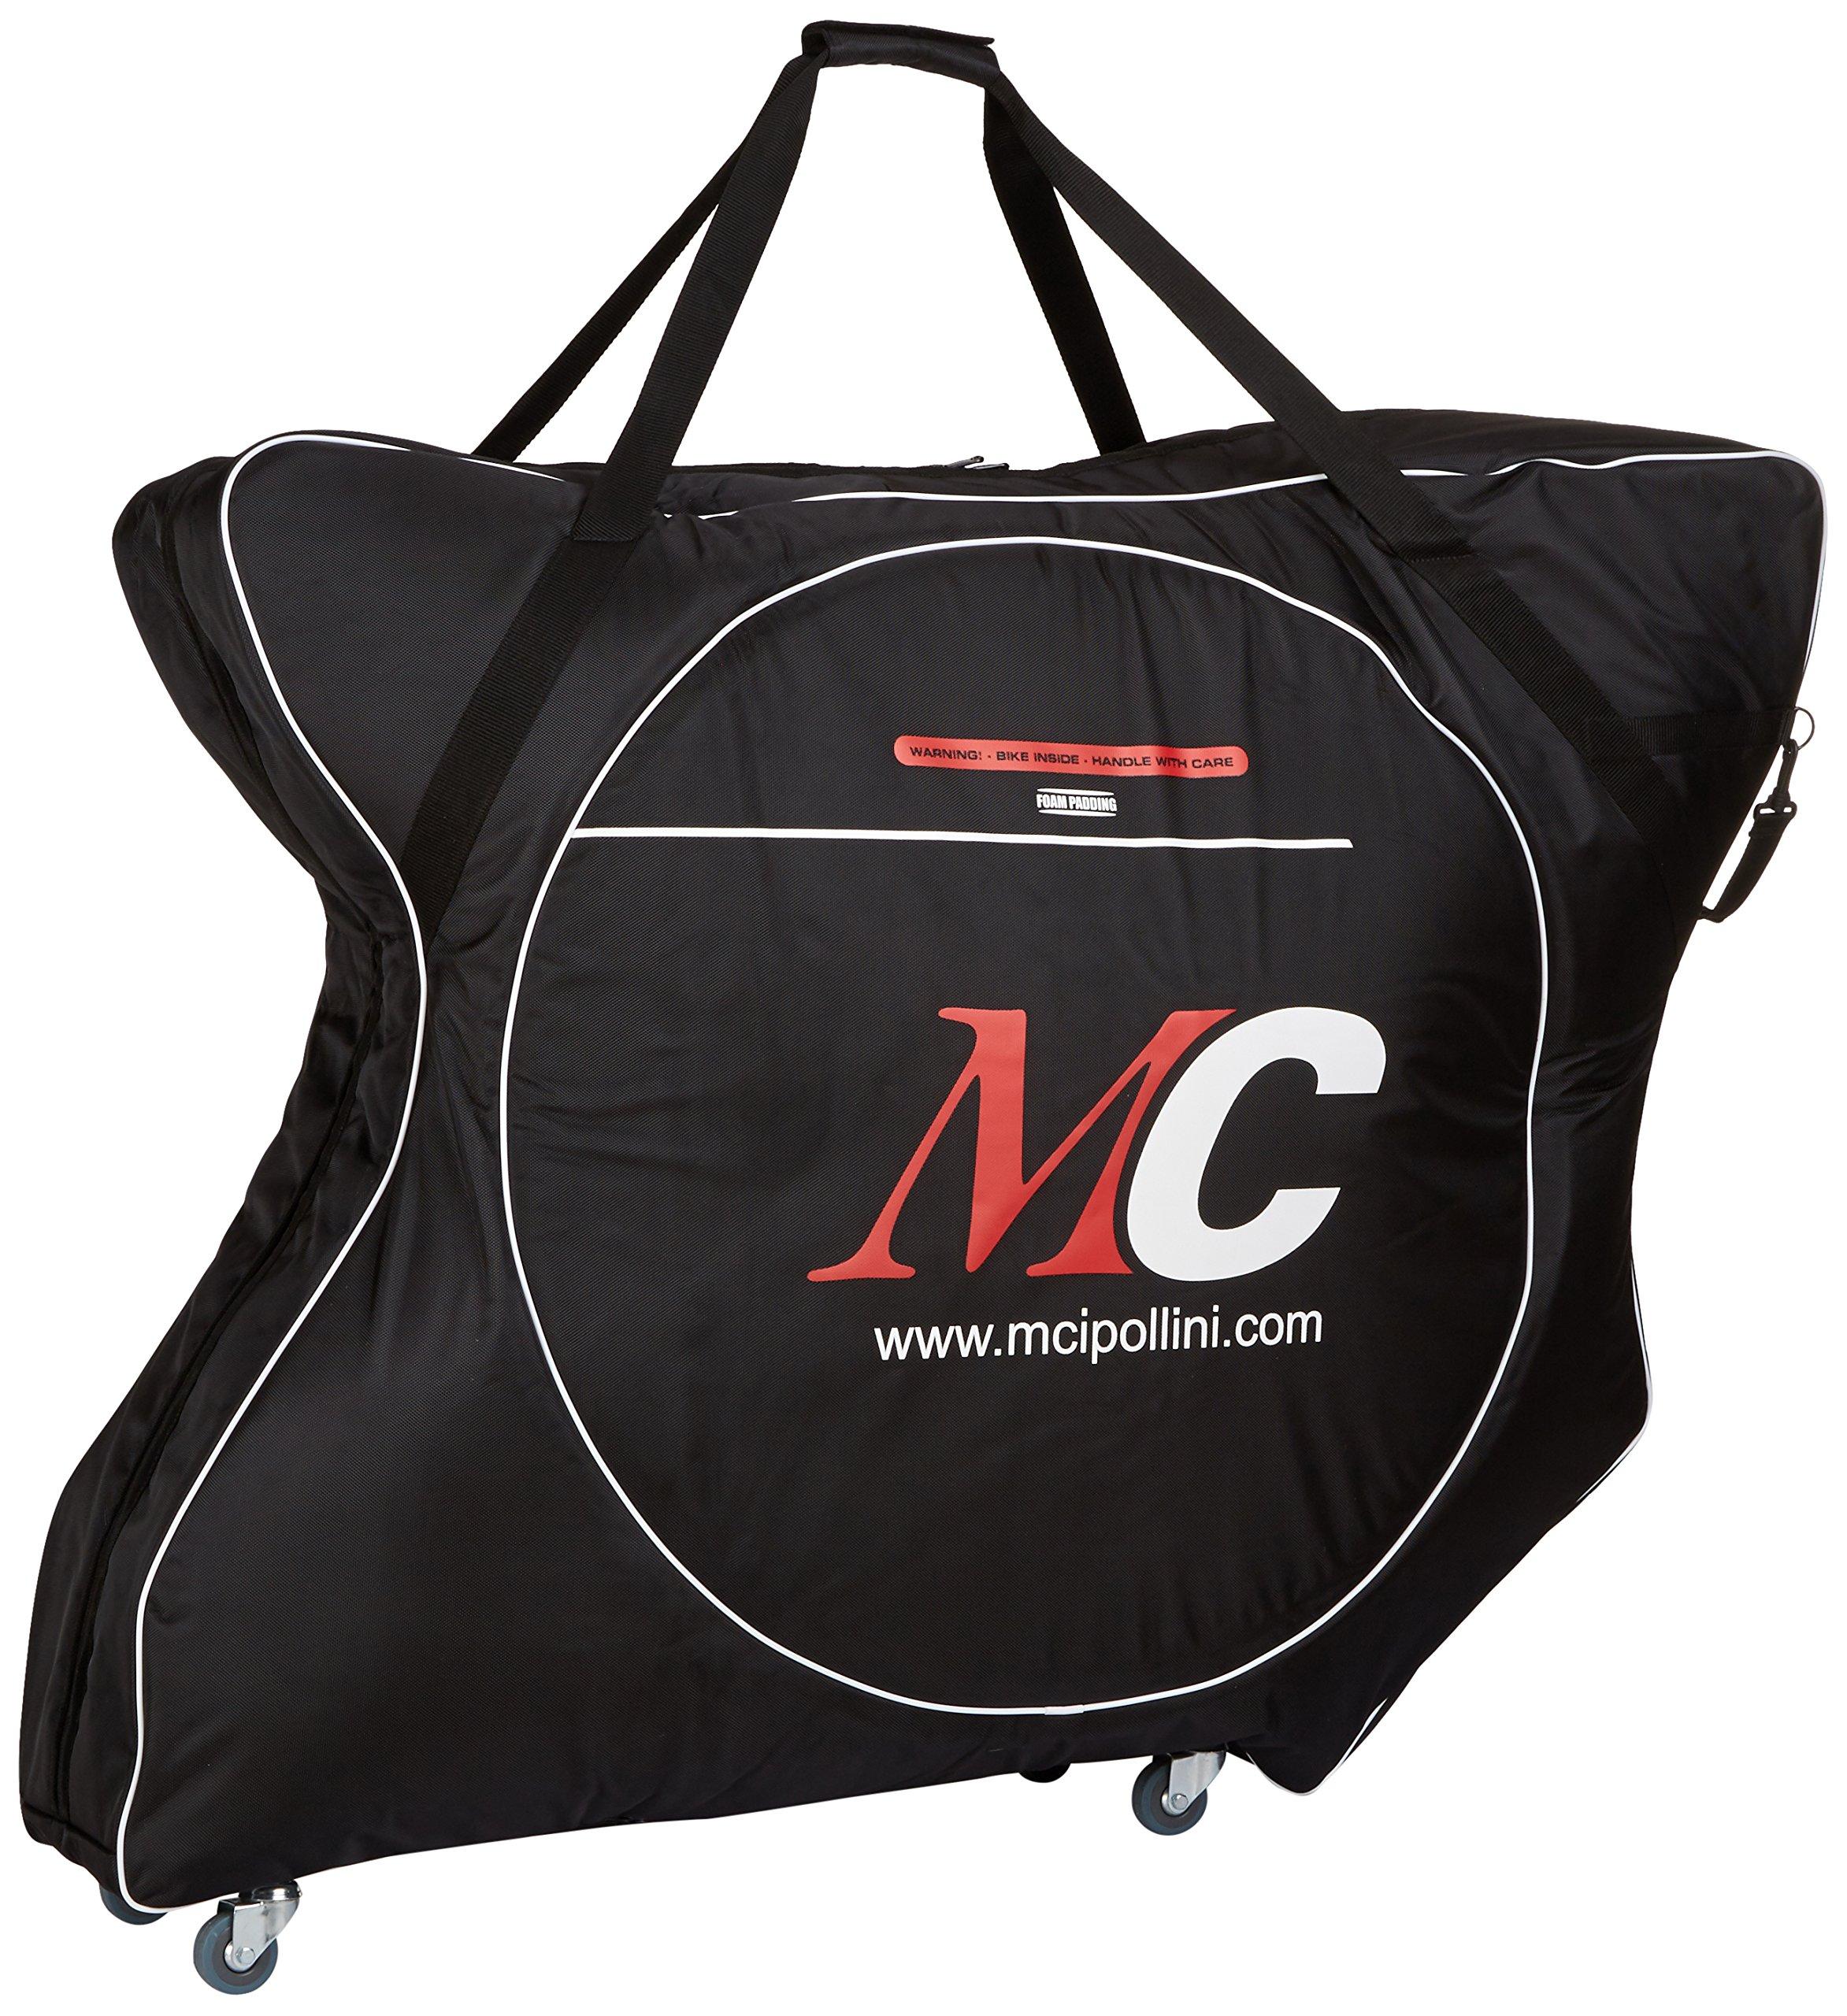 Cipollini MC Bike Bag by Cipollini (Image #2)